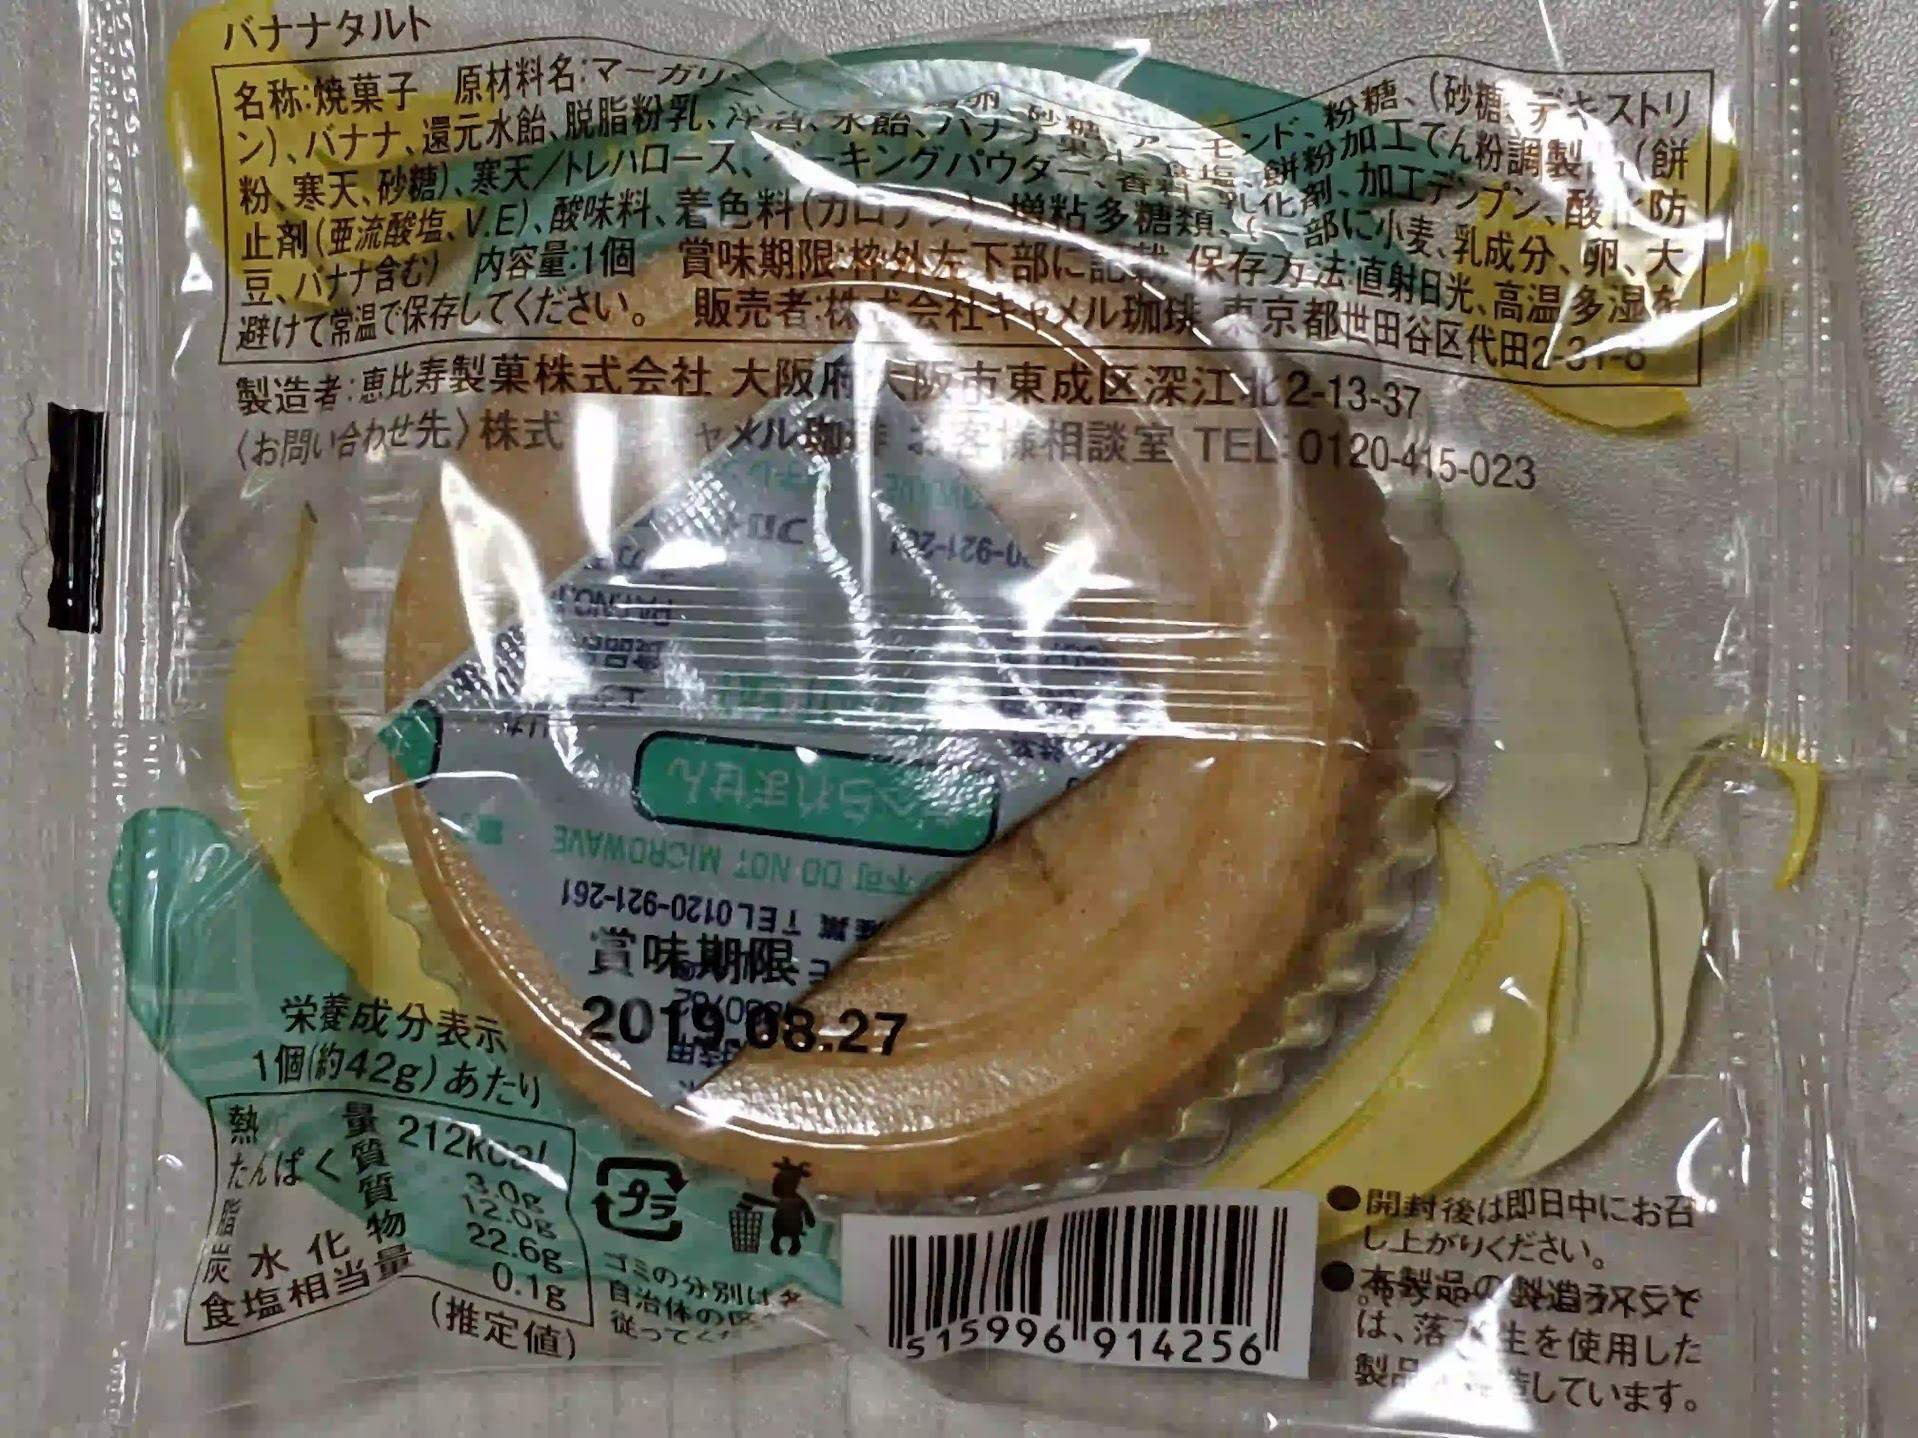 カルディ バナナタルト 栄養成分表示